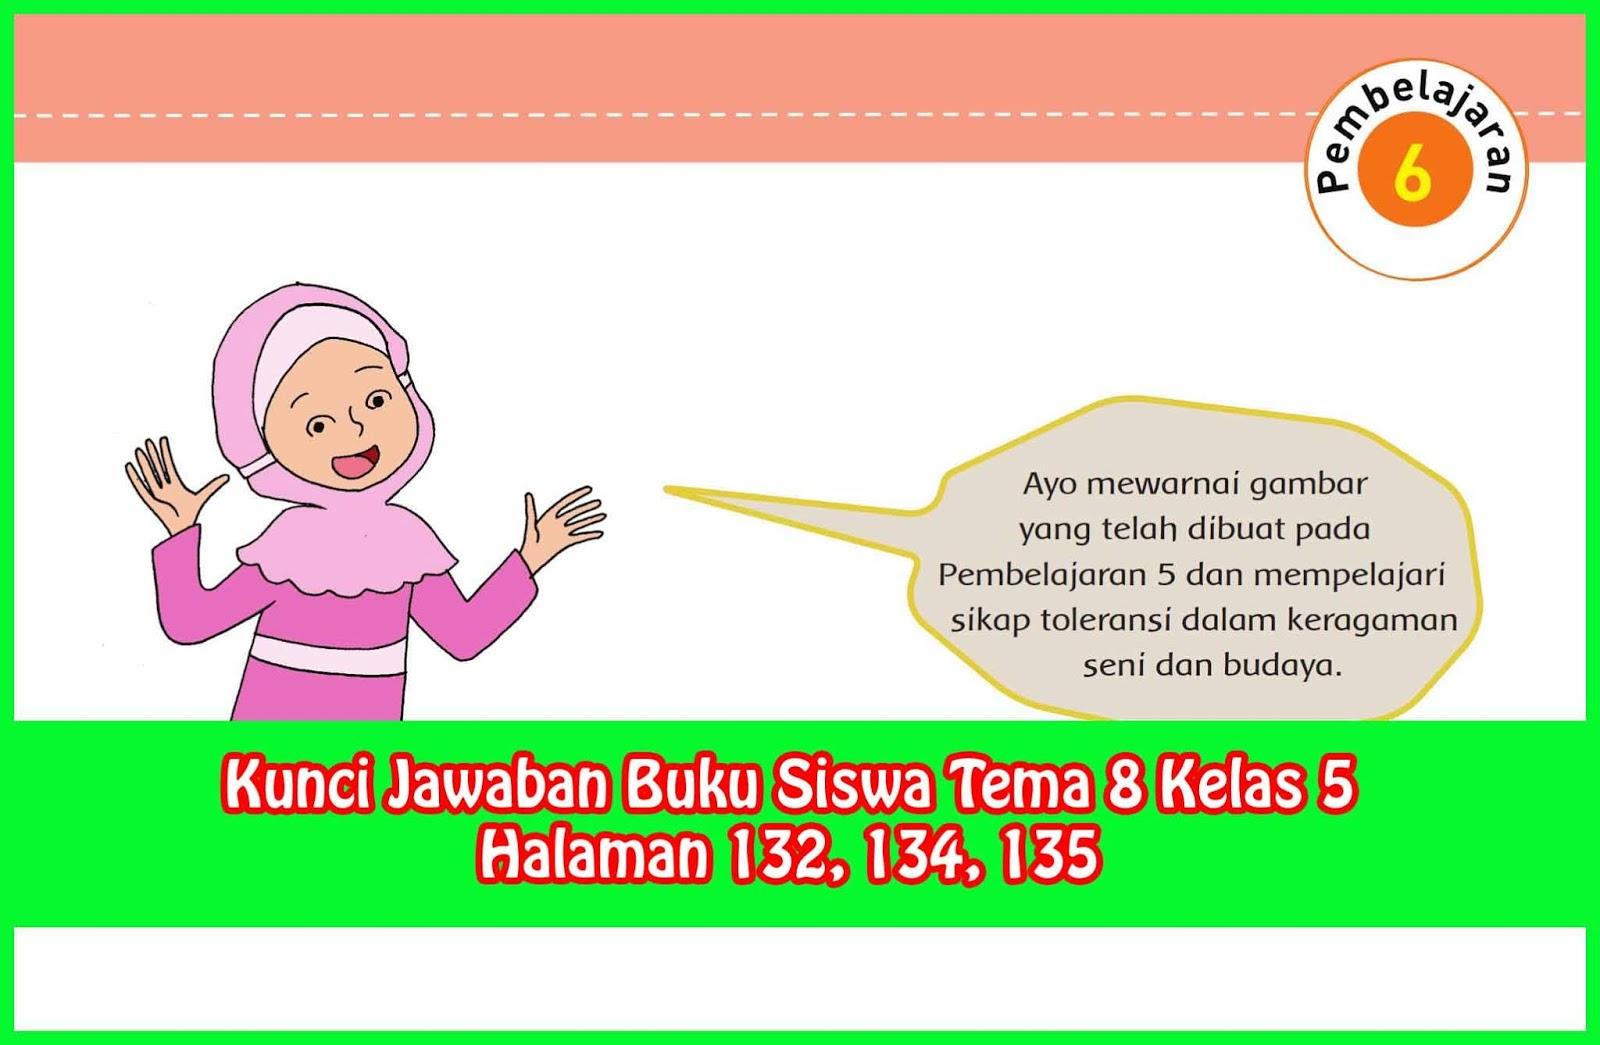 Kunci Jawaban Buku Siswa Tema 8 Kelas 5 Halaman 132 134